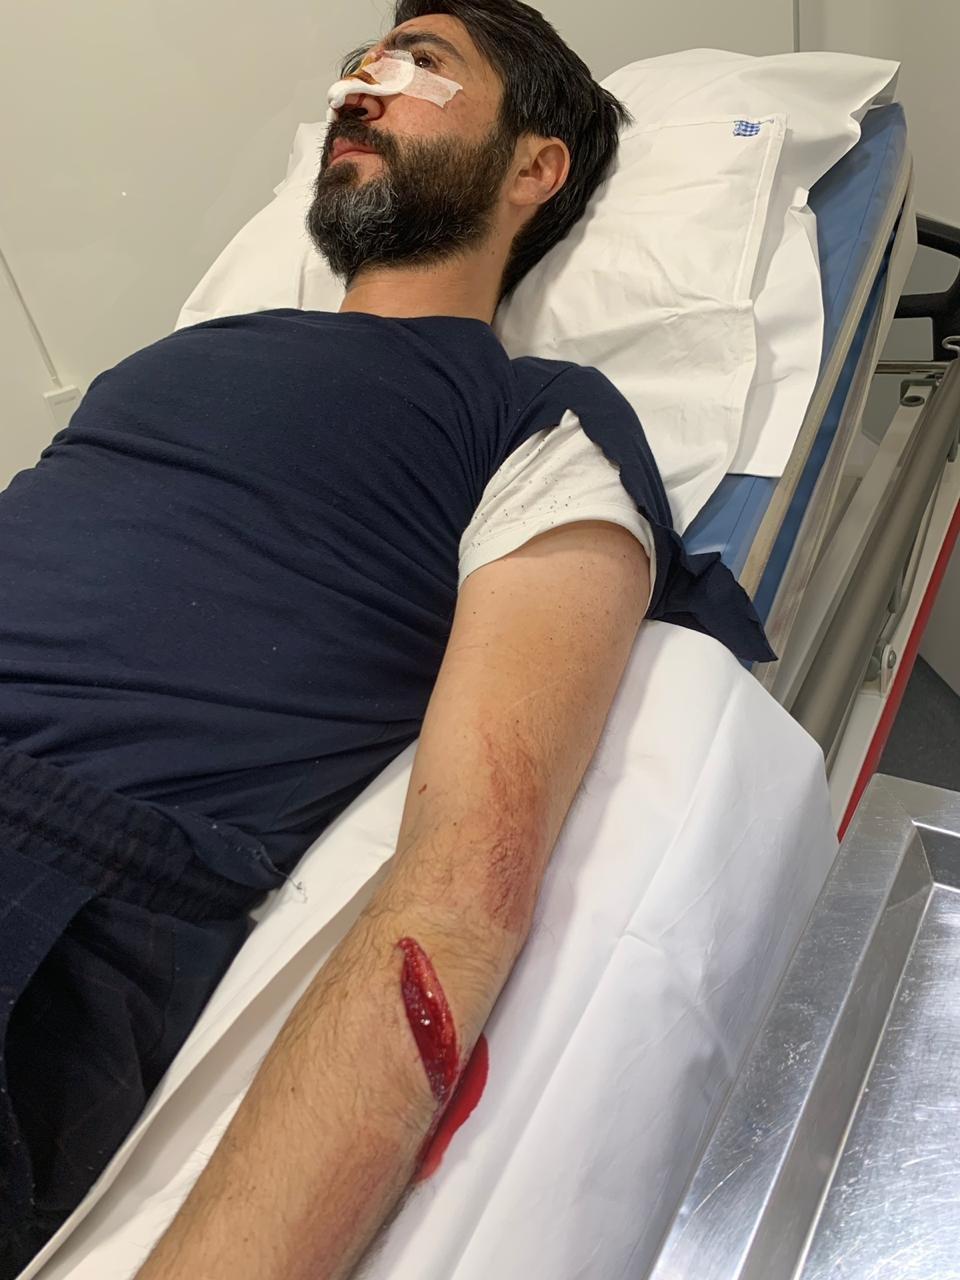 بعد تعرّضه لحادث سير خطير.. وسام صبّاغ يحذّر !